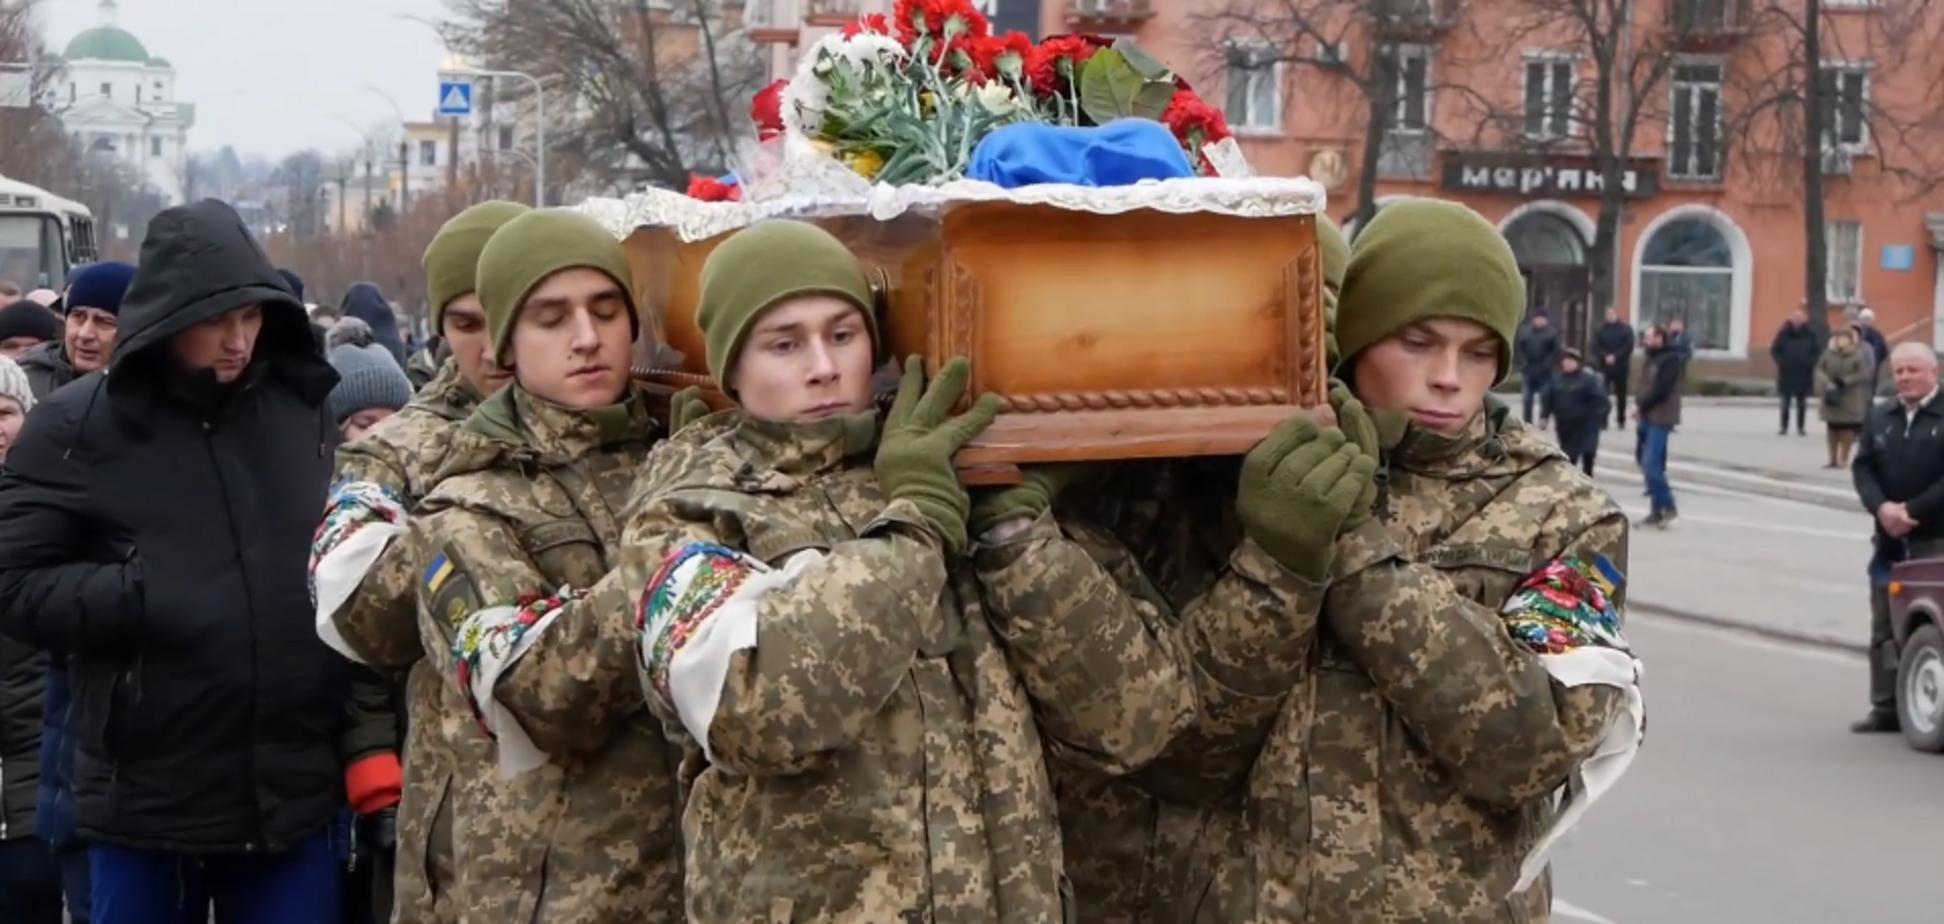 Залишилися дружина і дві дочки: під Києвом попрощалися із загиблим солдатом ЗСУ. Фото і відео